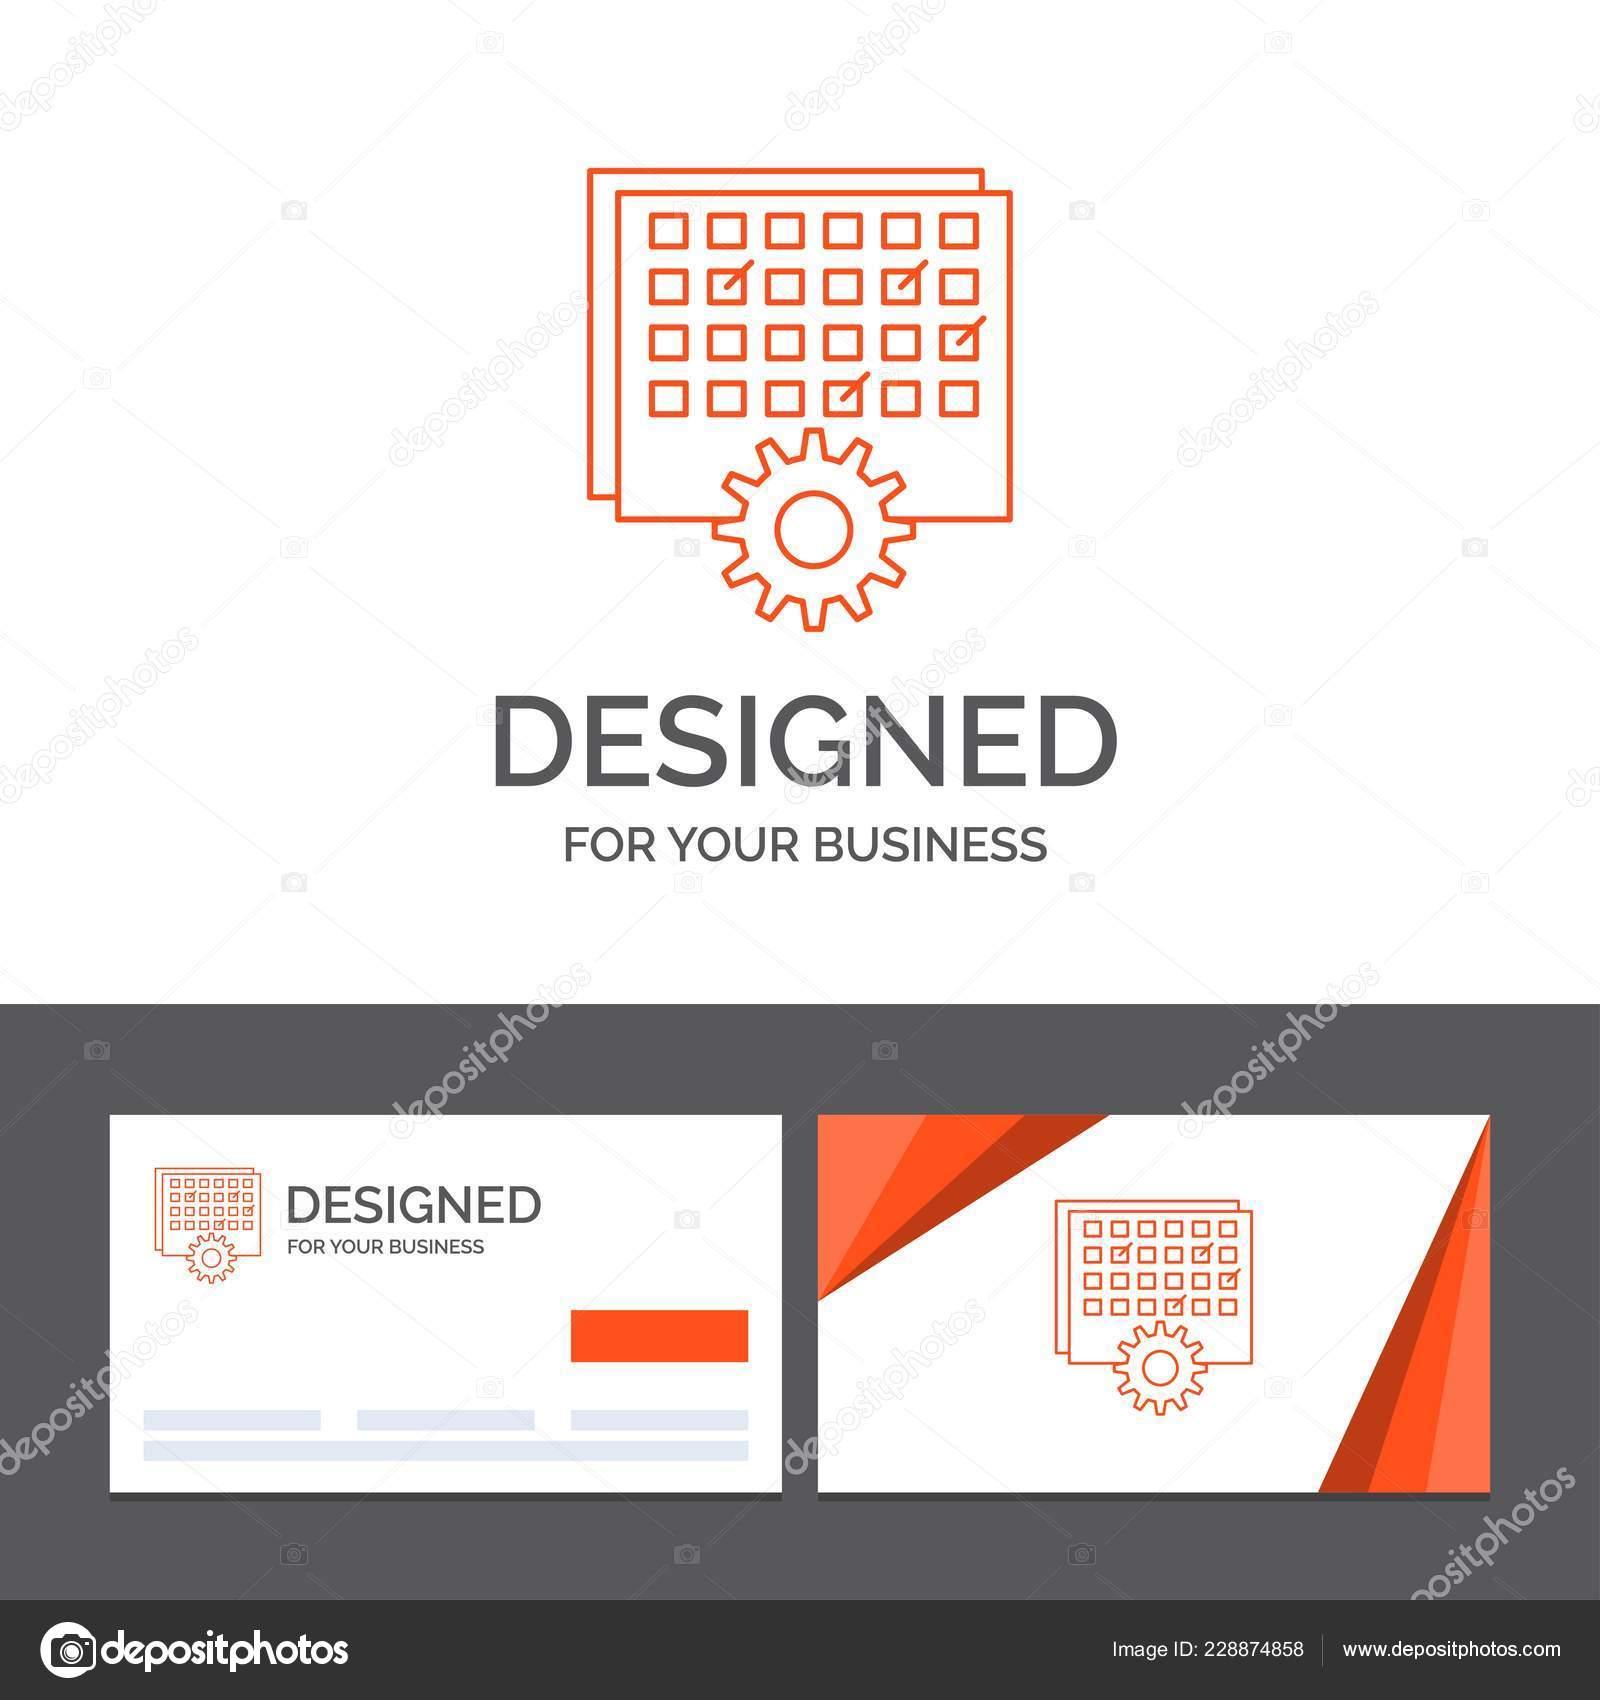 Modele De Logo Metier Pour Levenement Gestion Traitement Calendrier Cartes Visite Orange Avec Marque Illustration